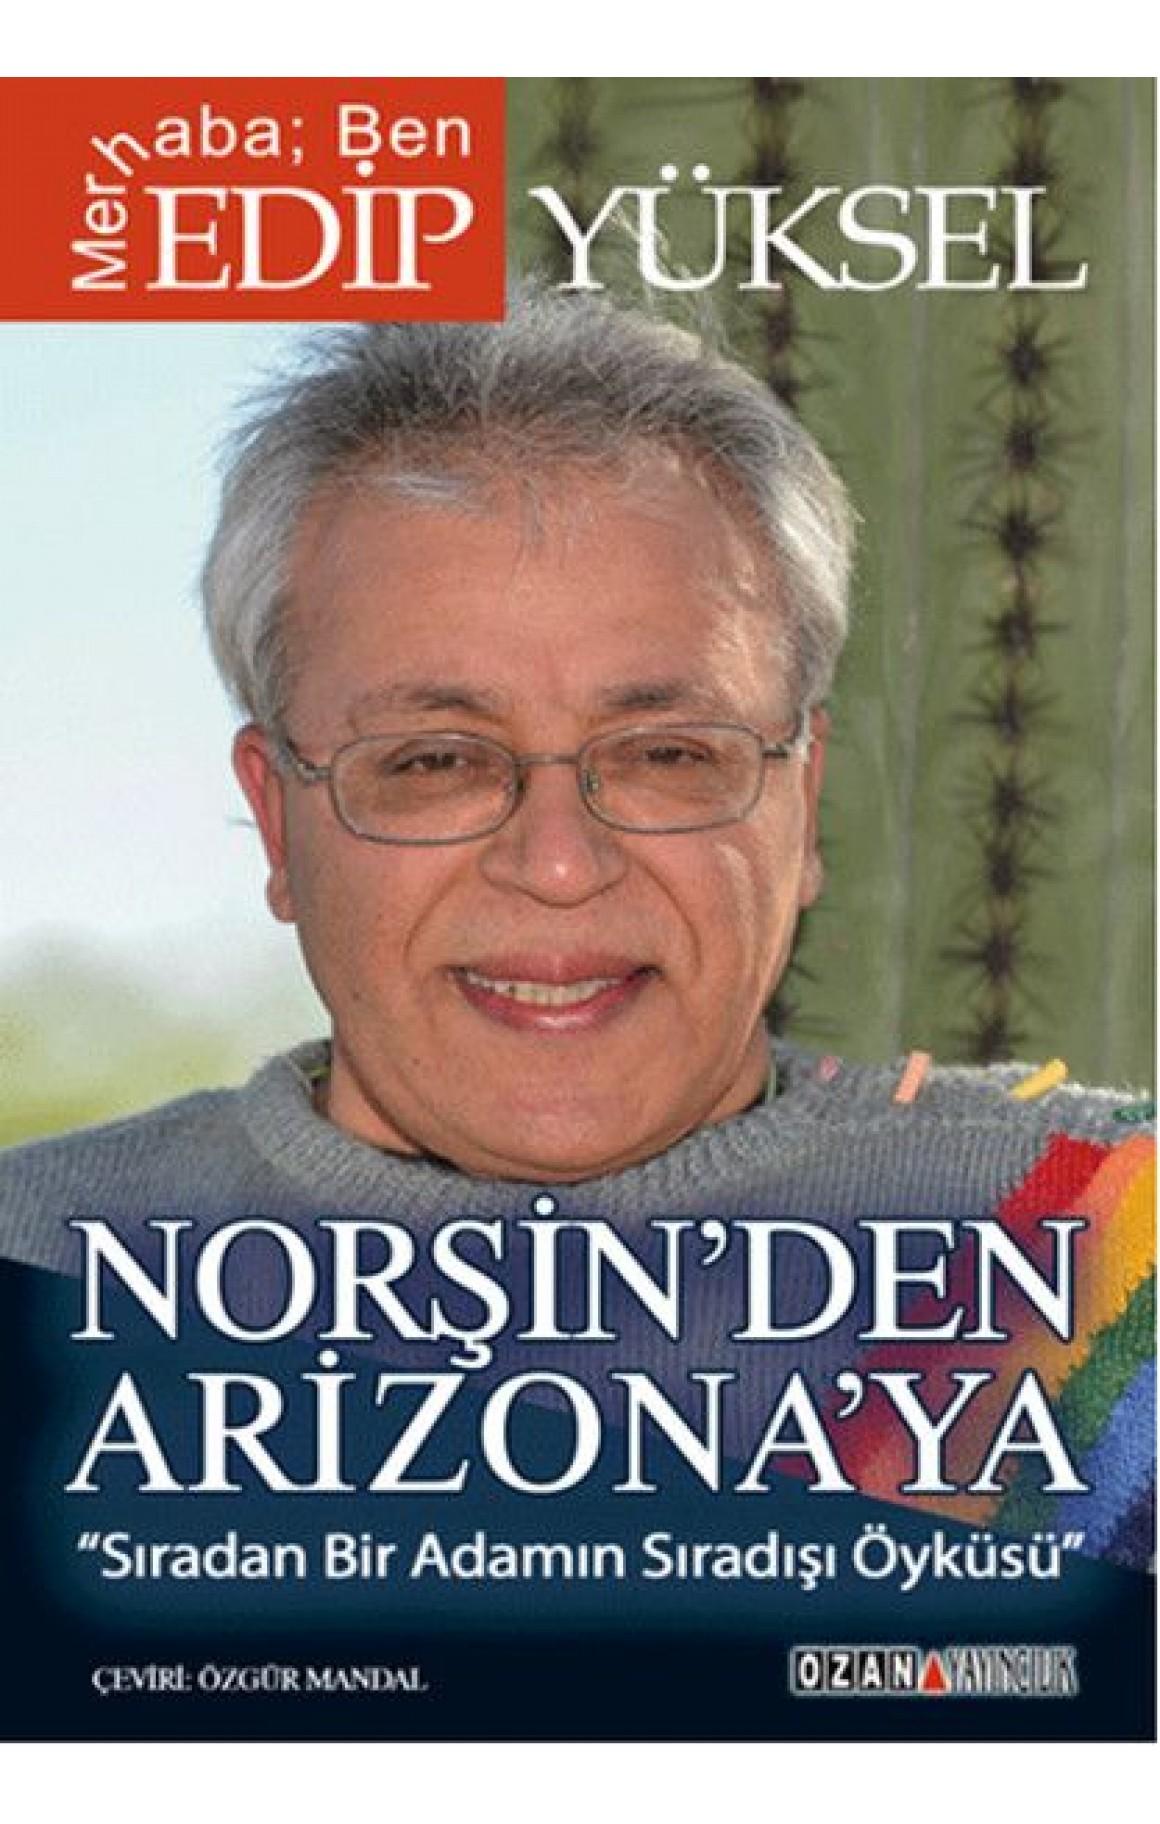 Norşin'den Arizona'ya Edip Yüksel (DEFOLU)